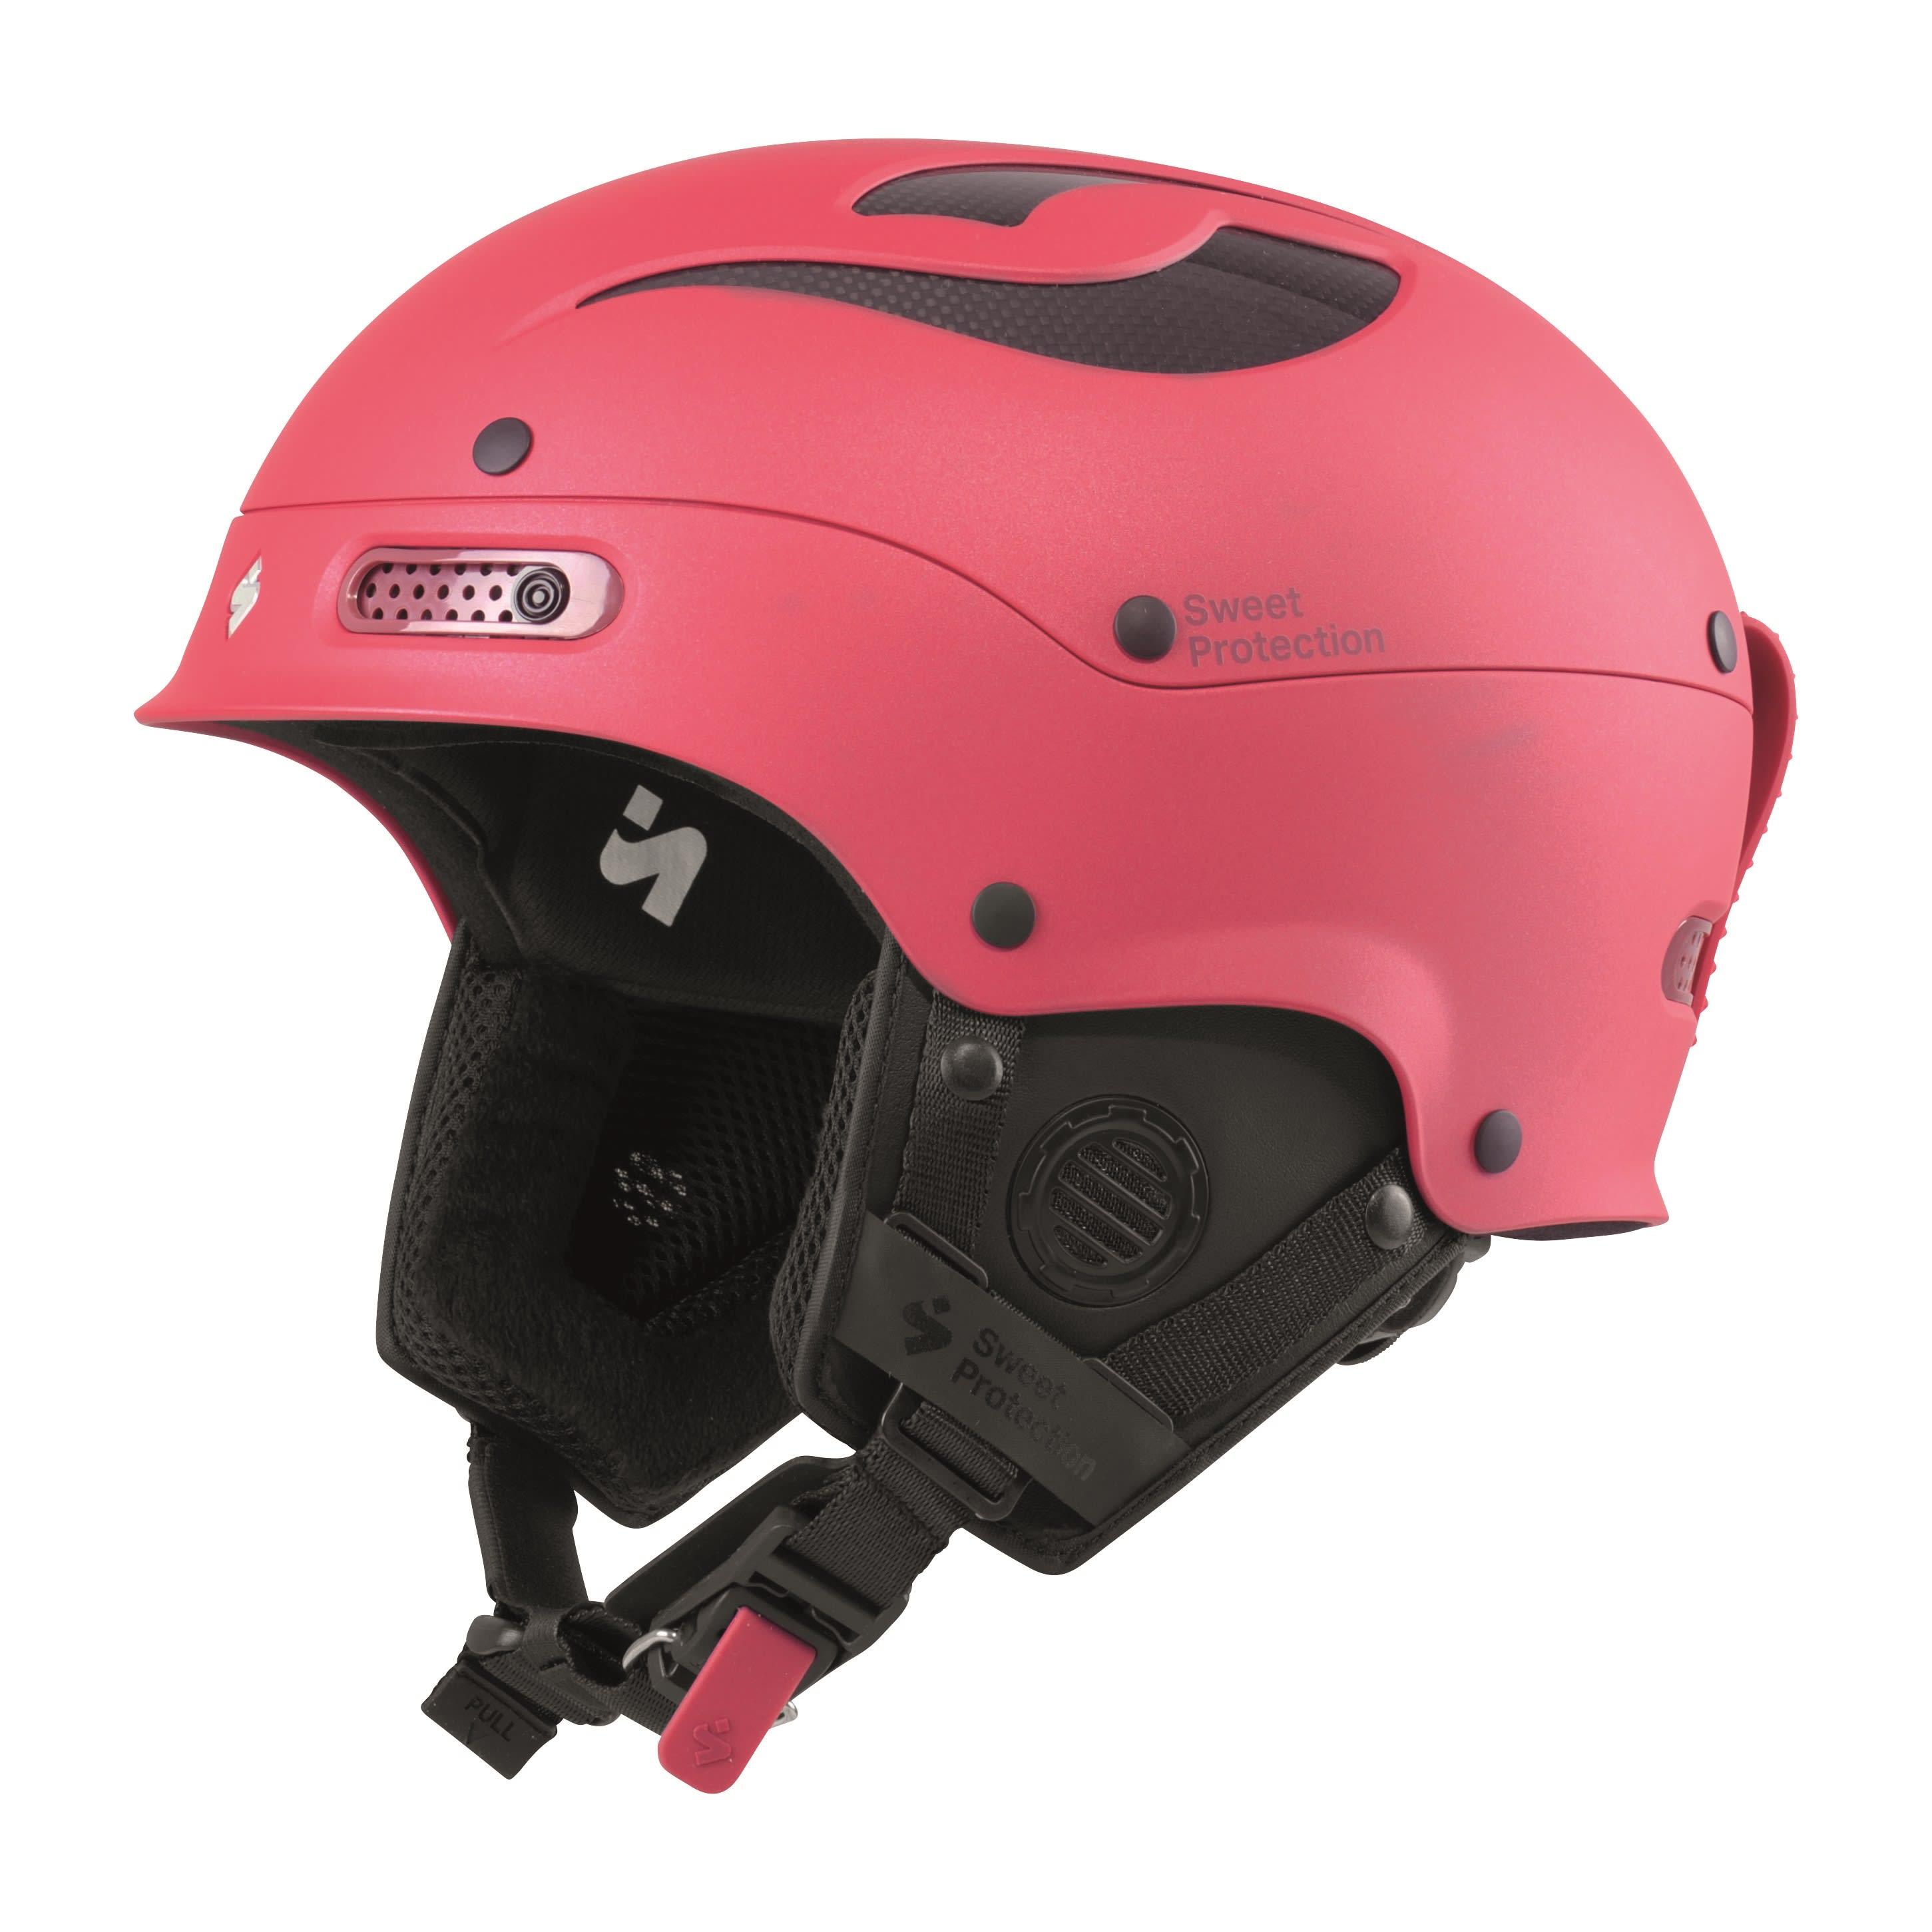 Köp Sweet Protection Women s Trooper II Helmet hos Outnorth 2cf71b01d3c71